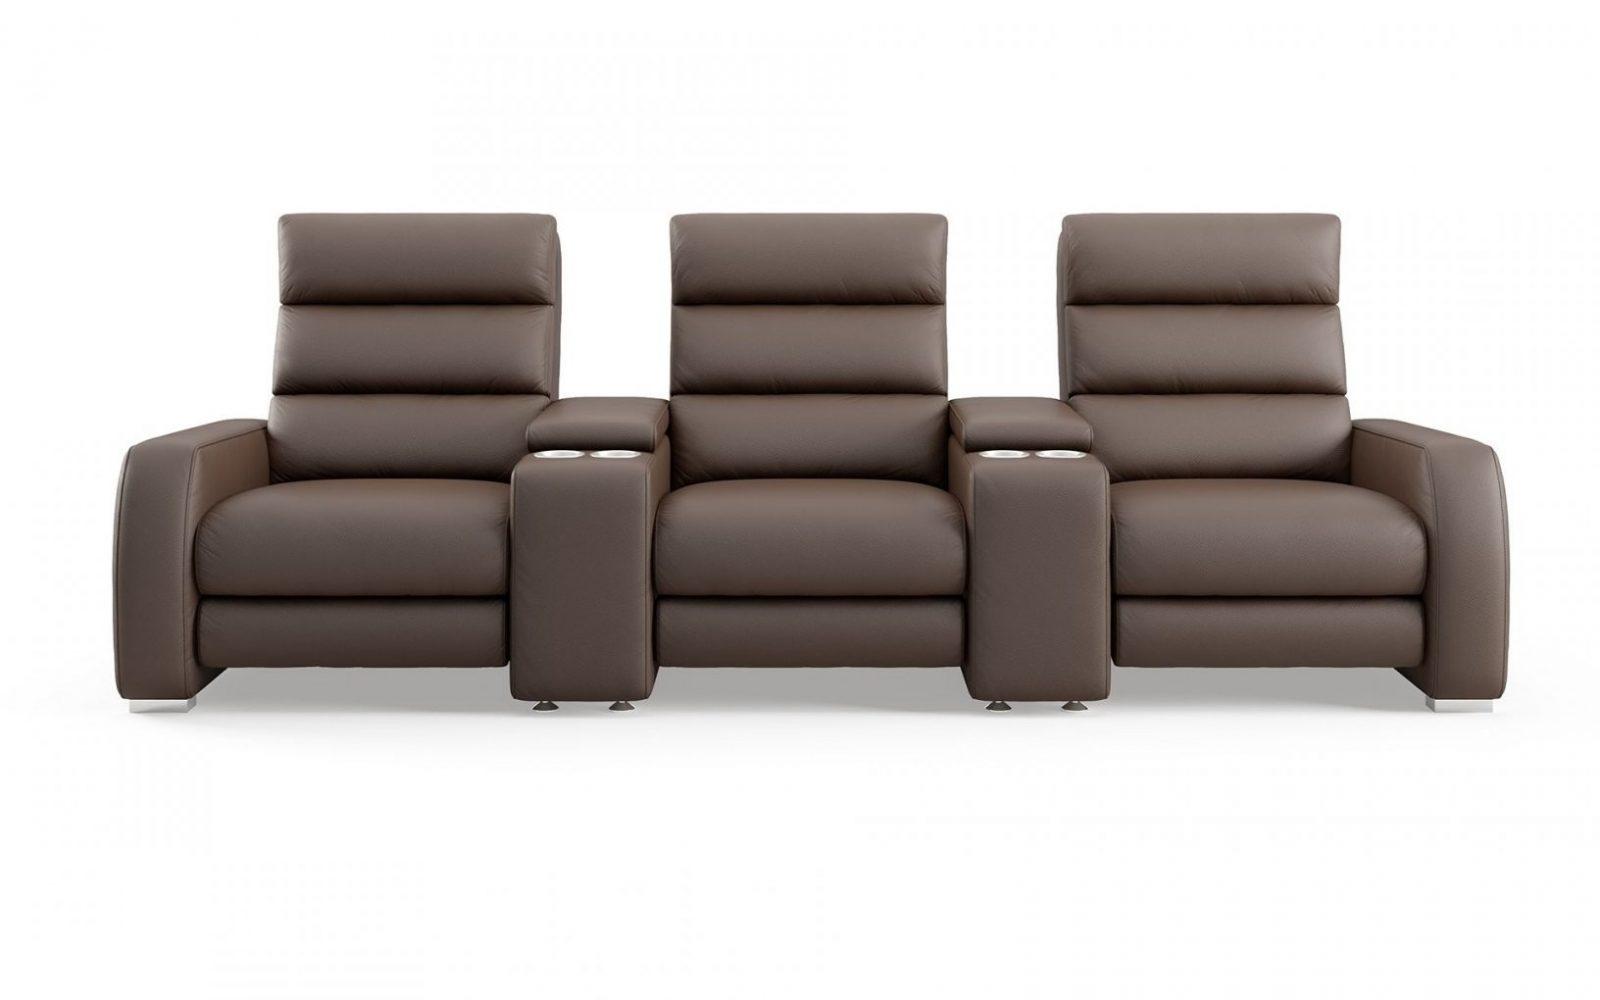 Kinocouch Mit Elektrischer Relaxfunktion  Sofanella von Kino Sofa 3 Sitzer Photo